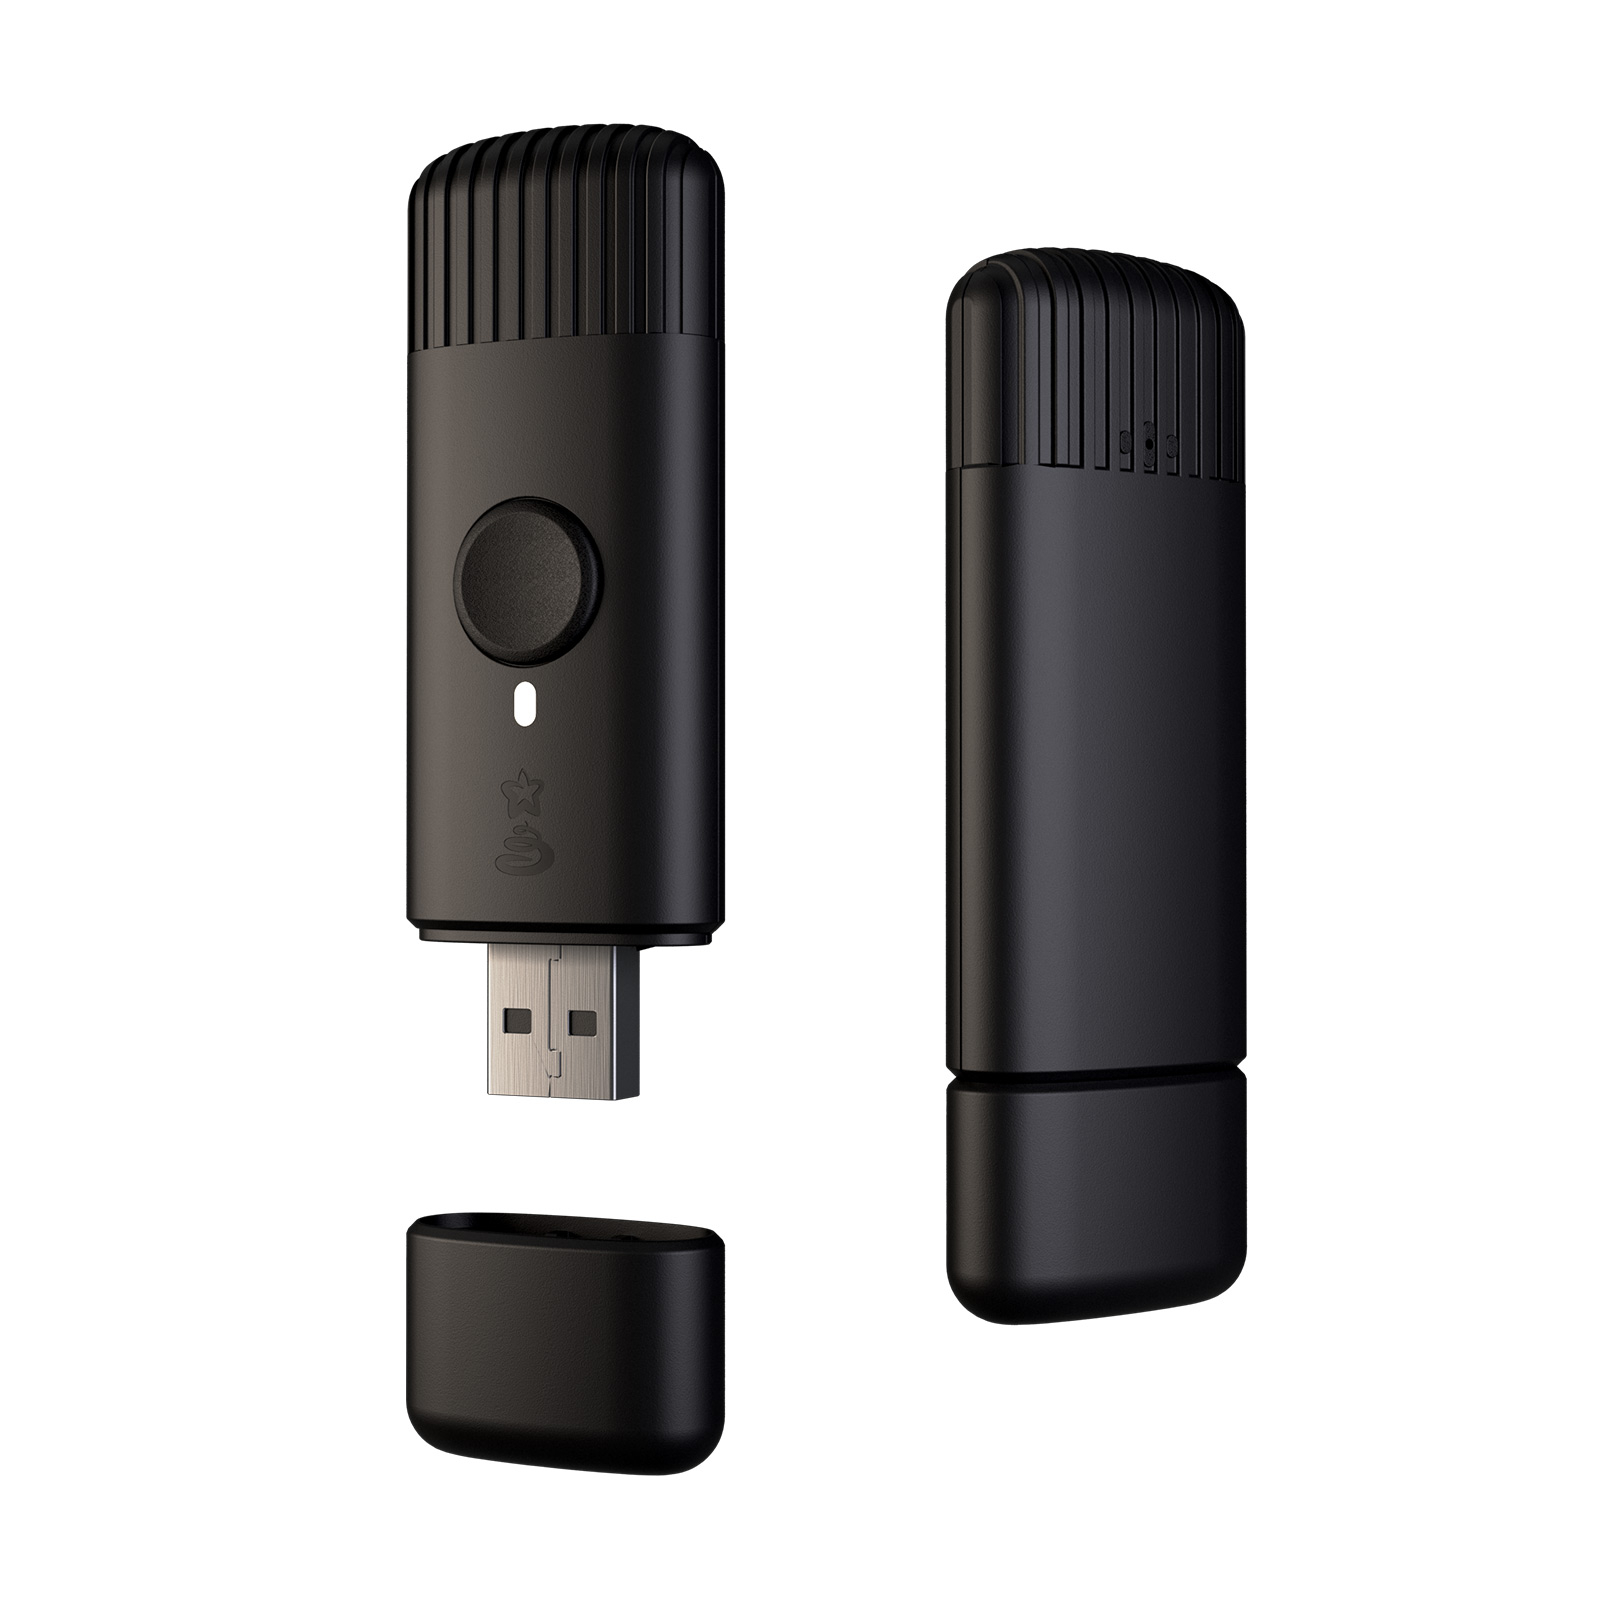 Muzieksensor voor Twinkly, USB, zwart